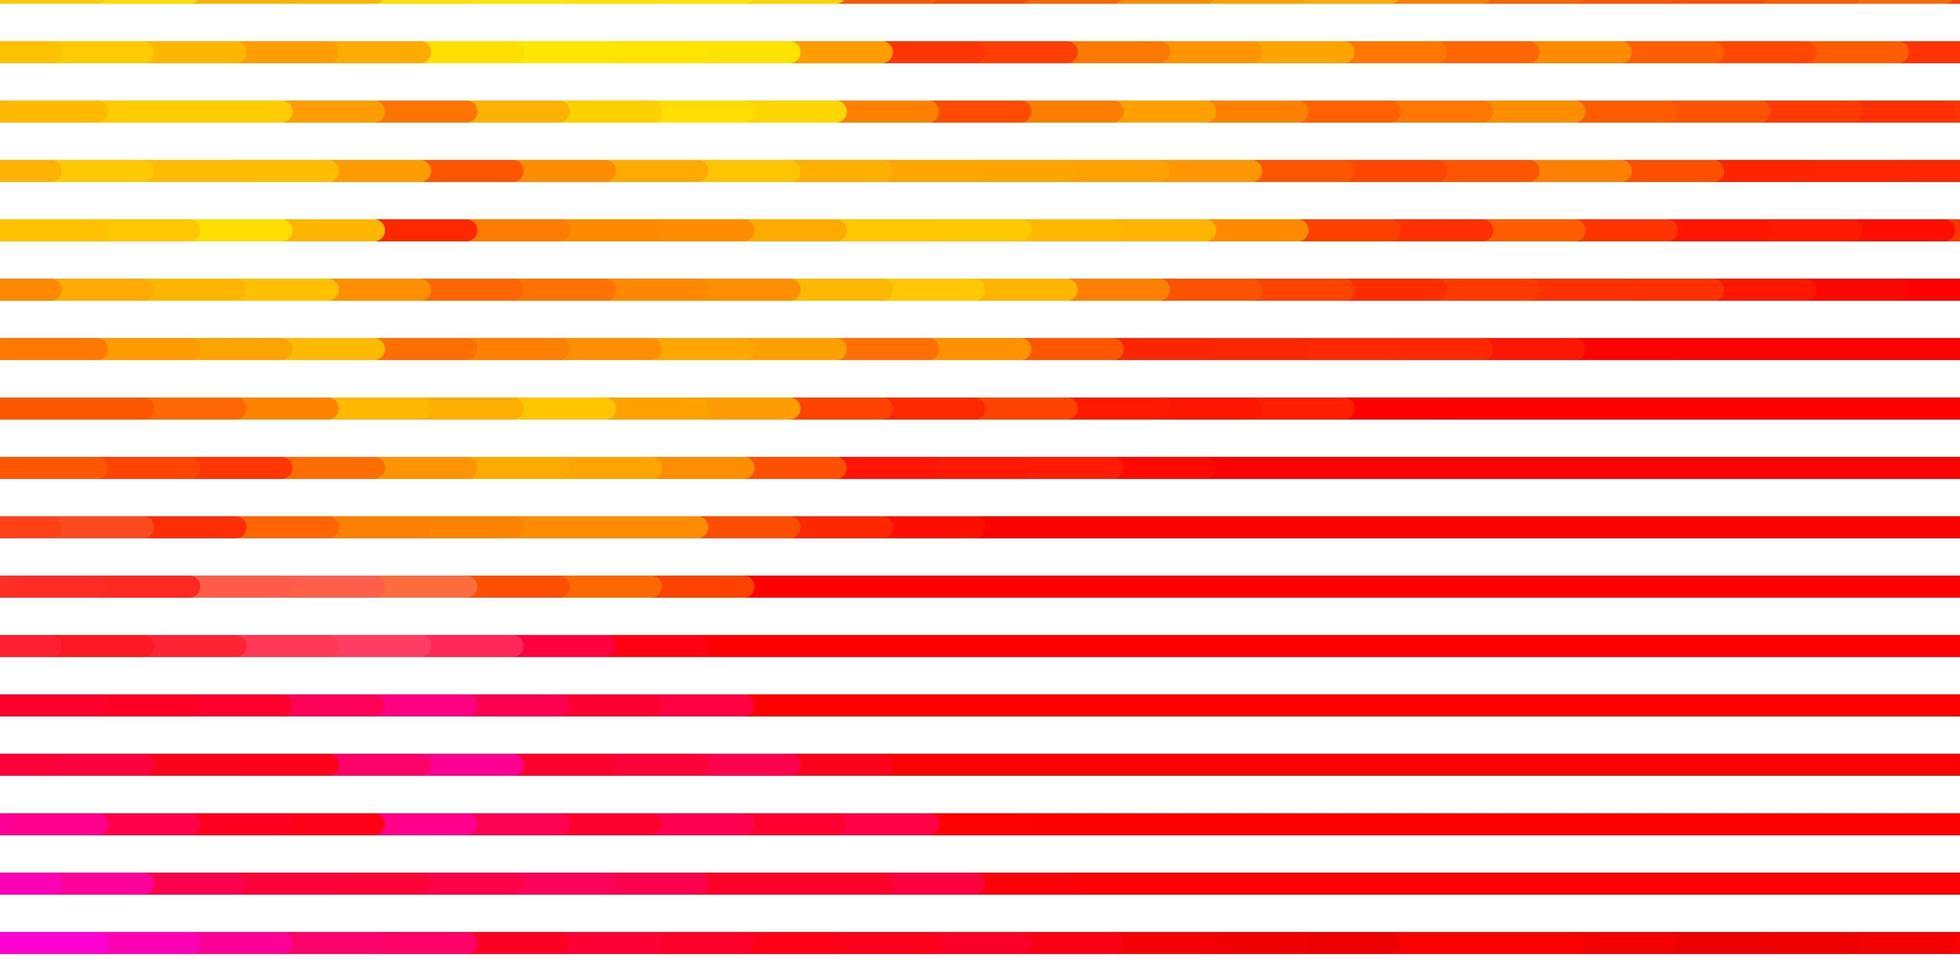 hellrosa, gelber Vektorhintergrund mit Linien. vektor